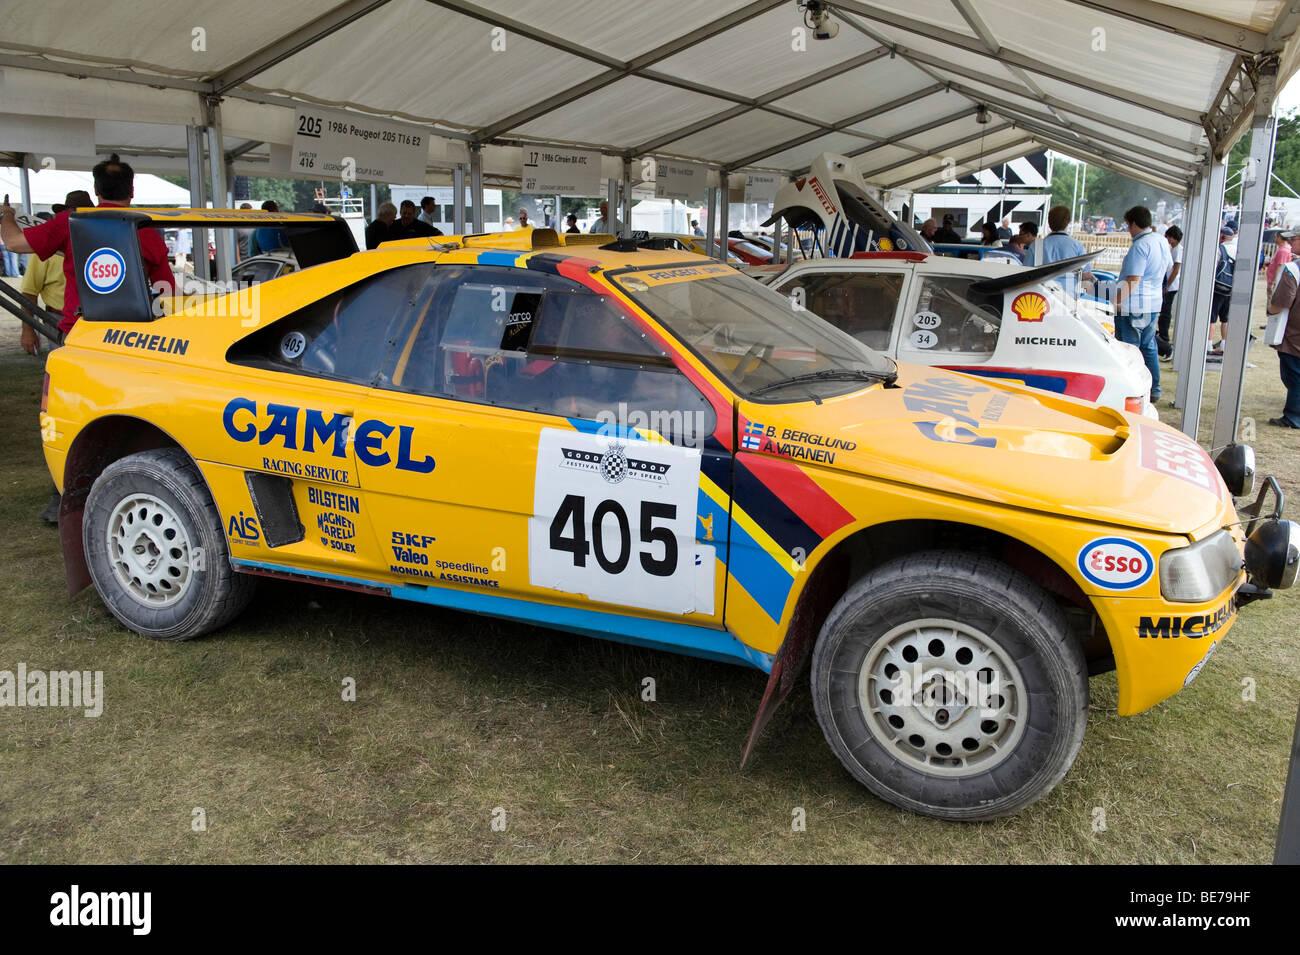 Peugeot 405 T16 Paris Dakar Rally Car At The 2009 Goodwood